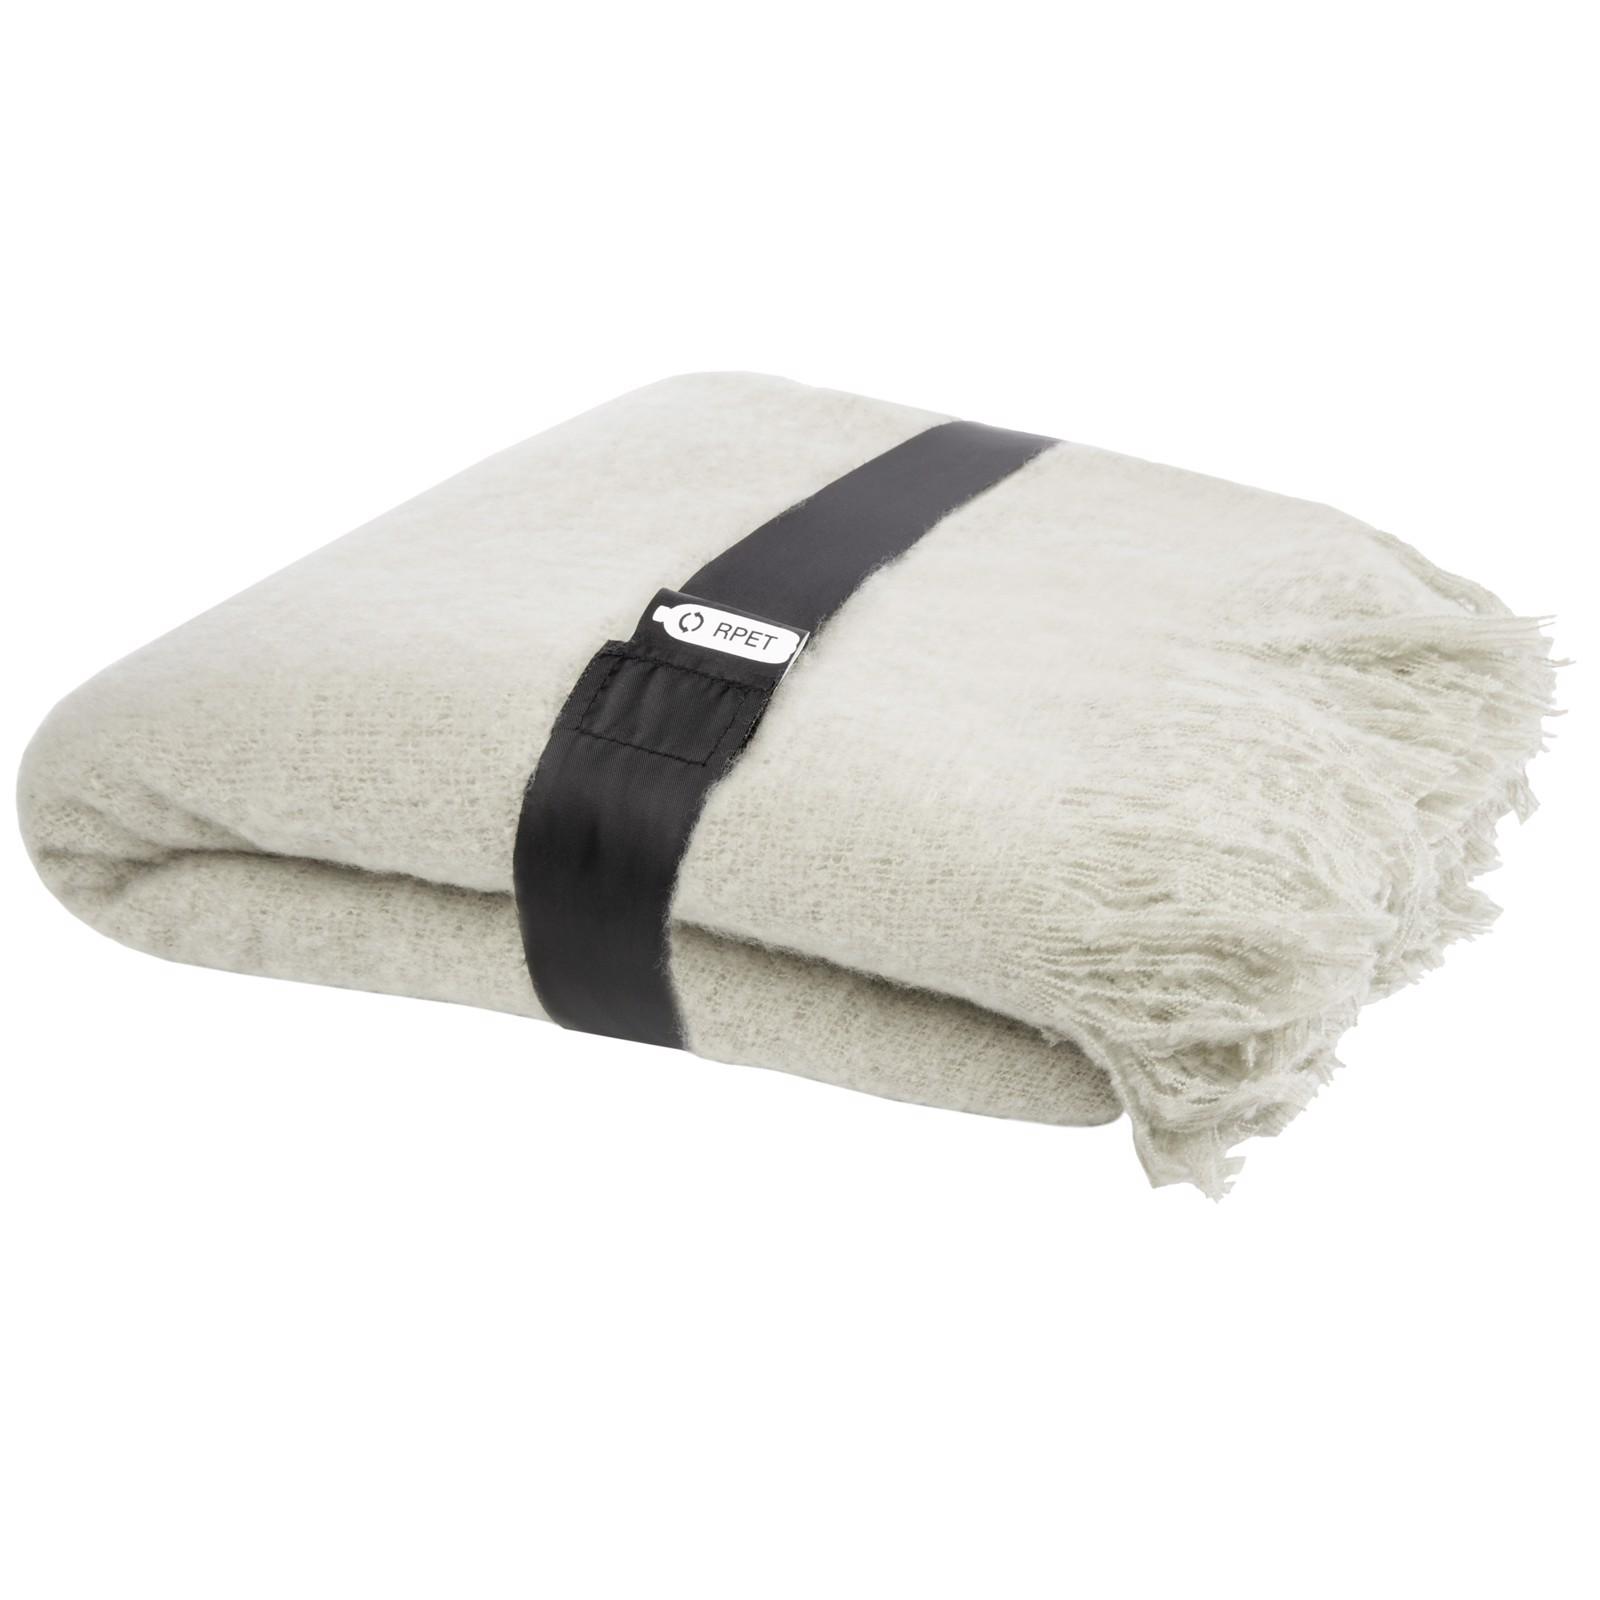 Ivy RPET mohair blanket - Light Grey